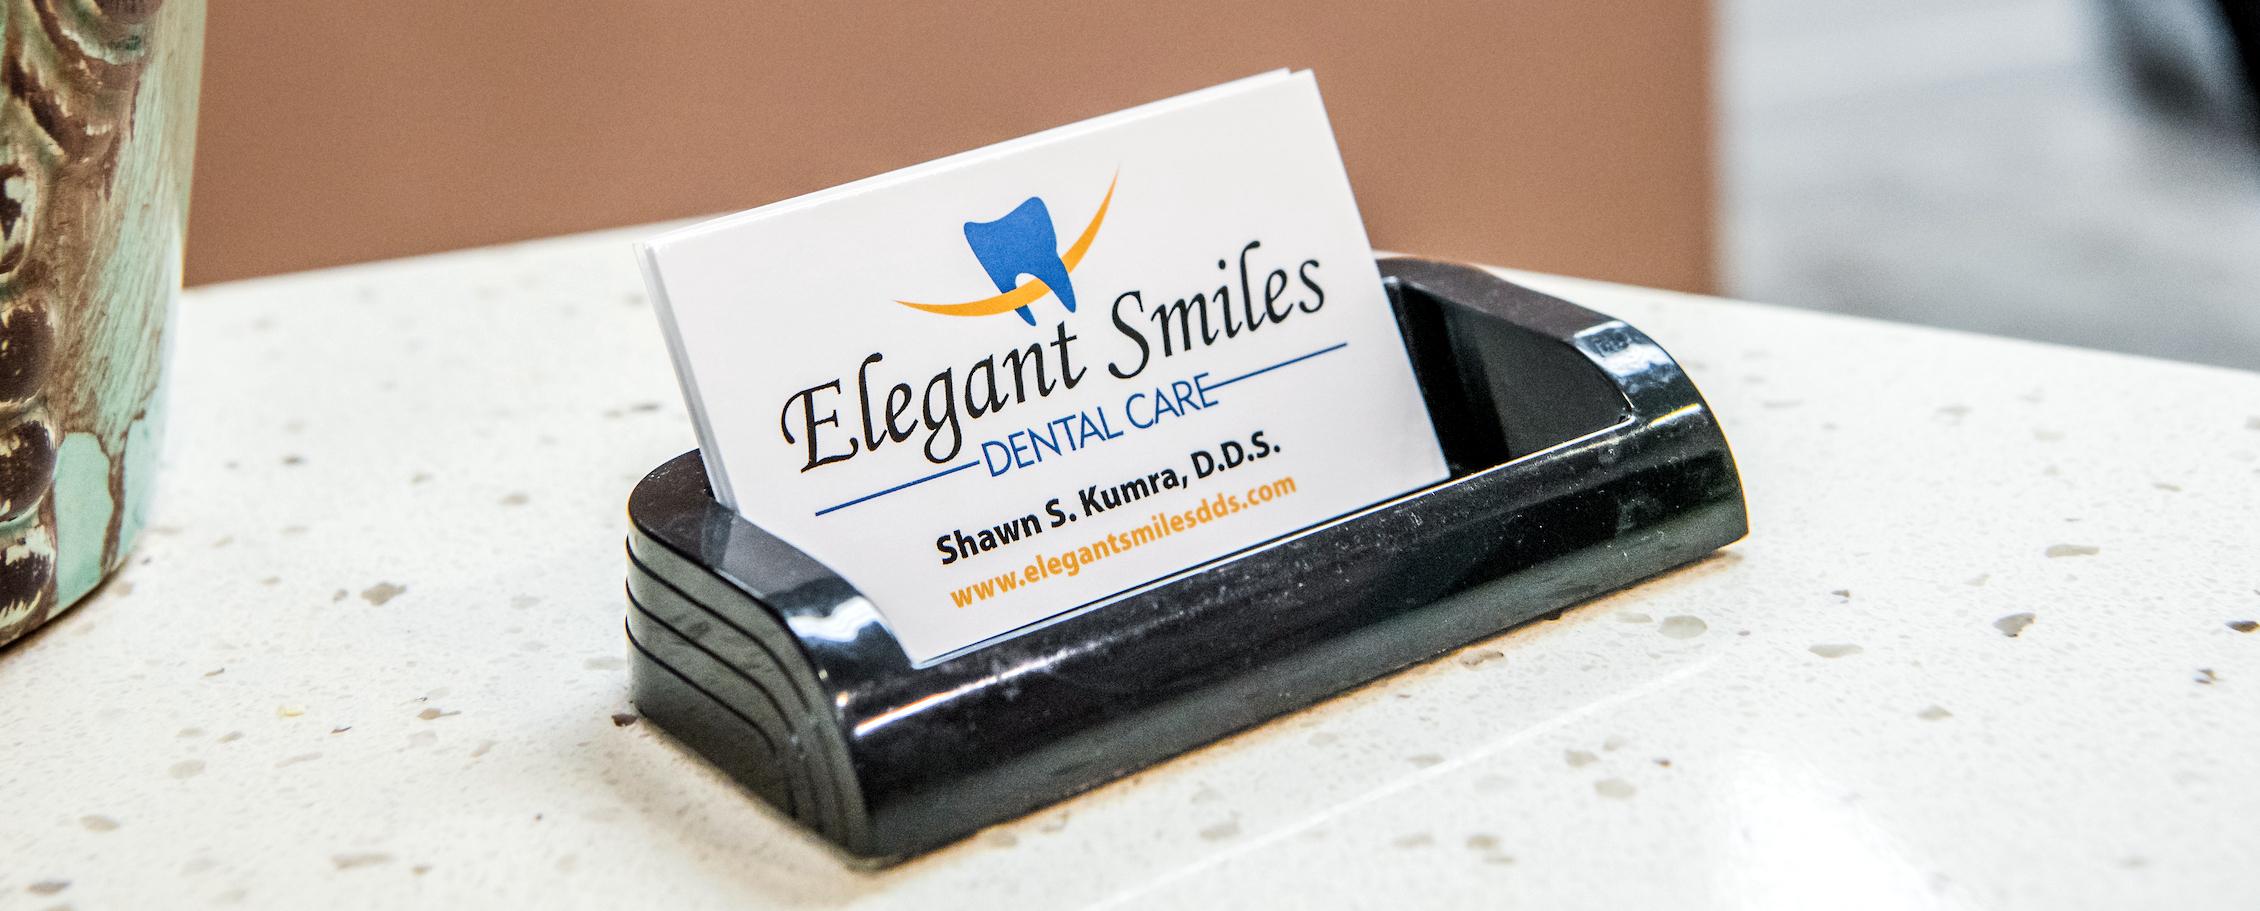 Elegant Smiles Dental Care Business Card